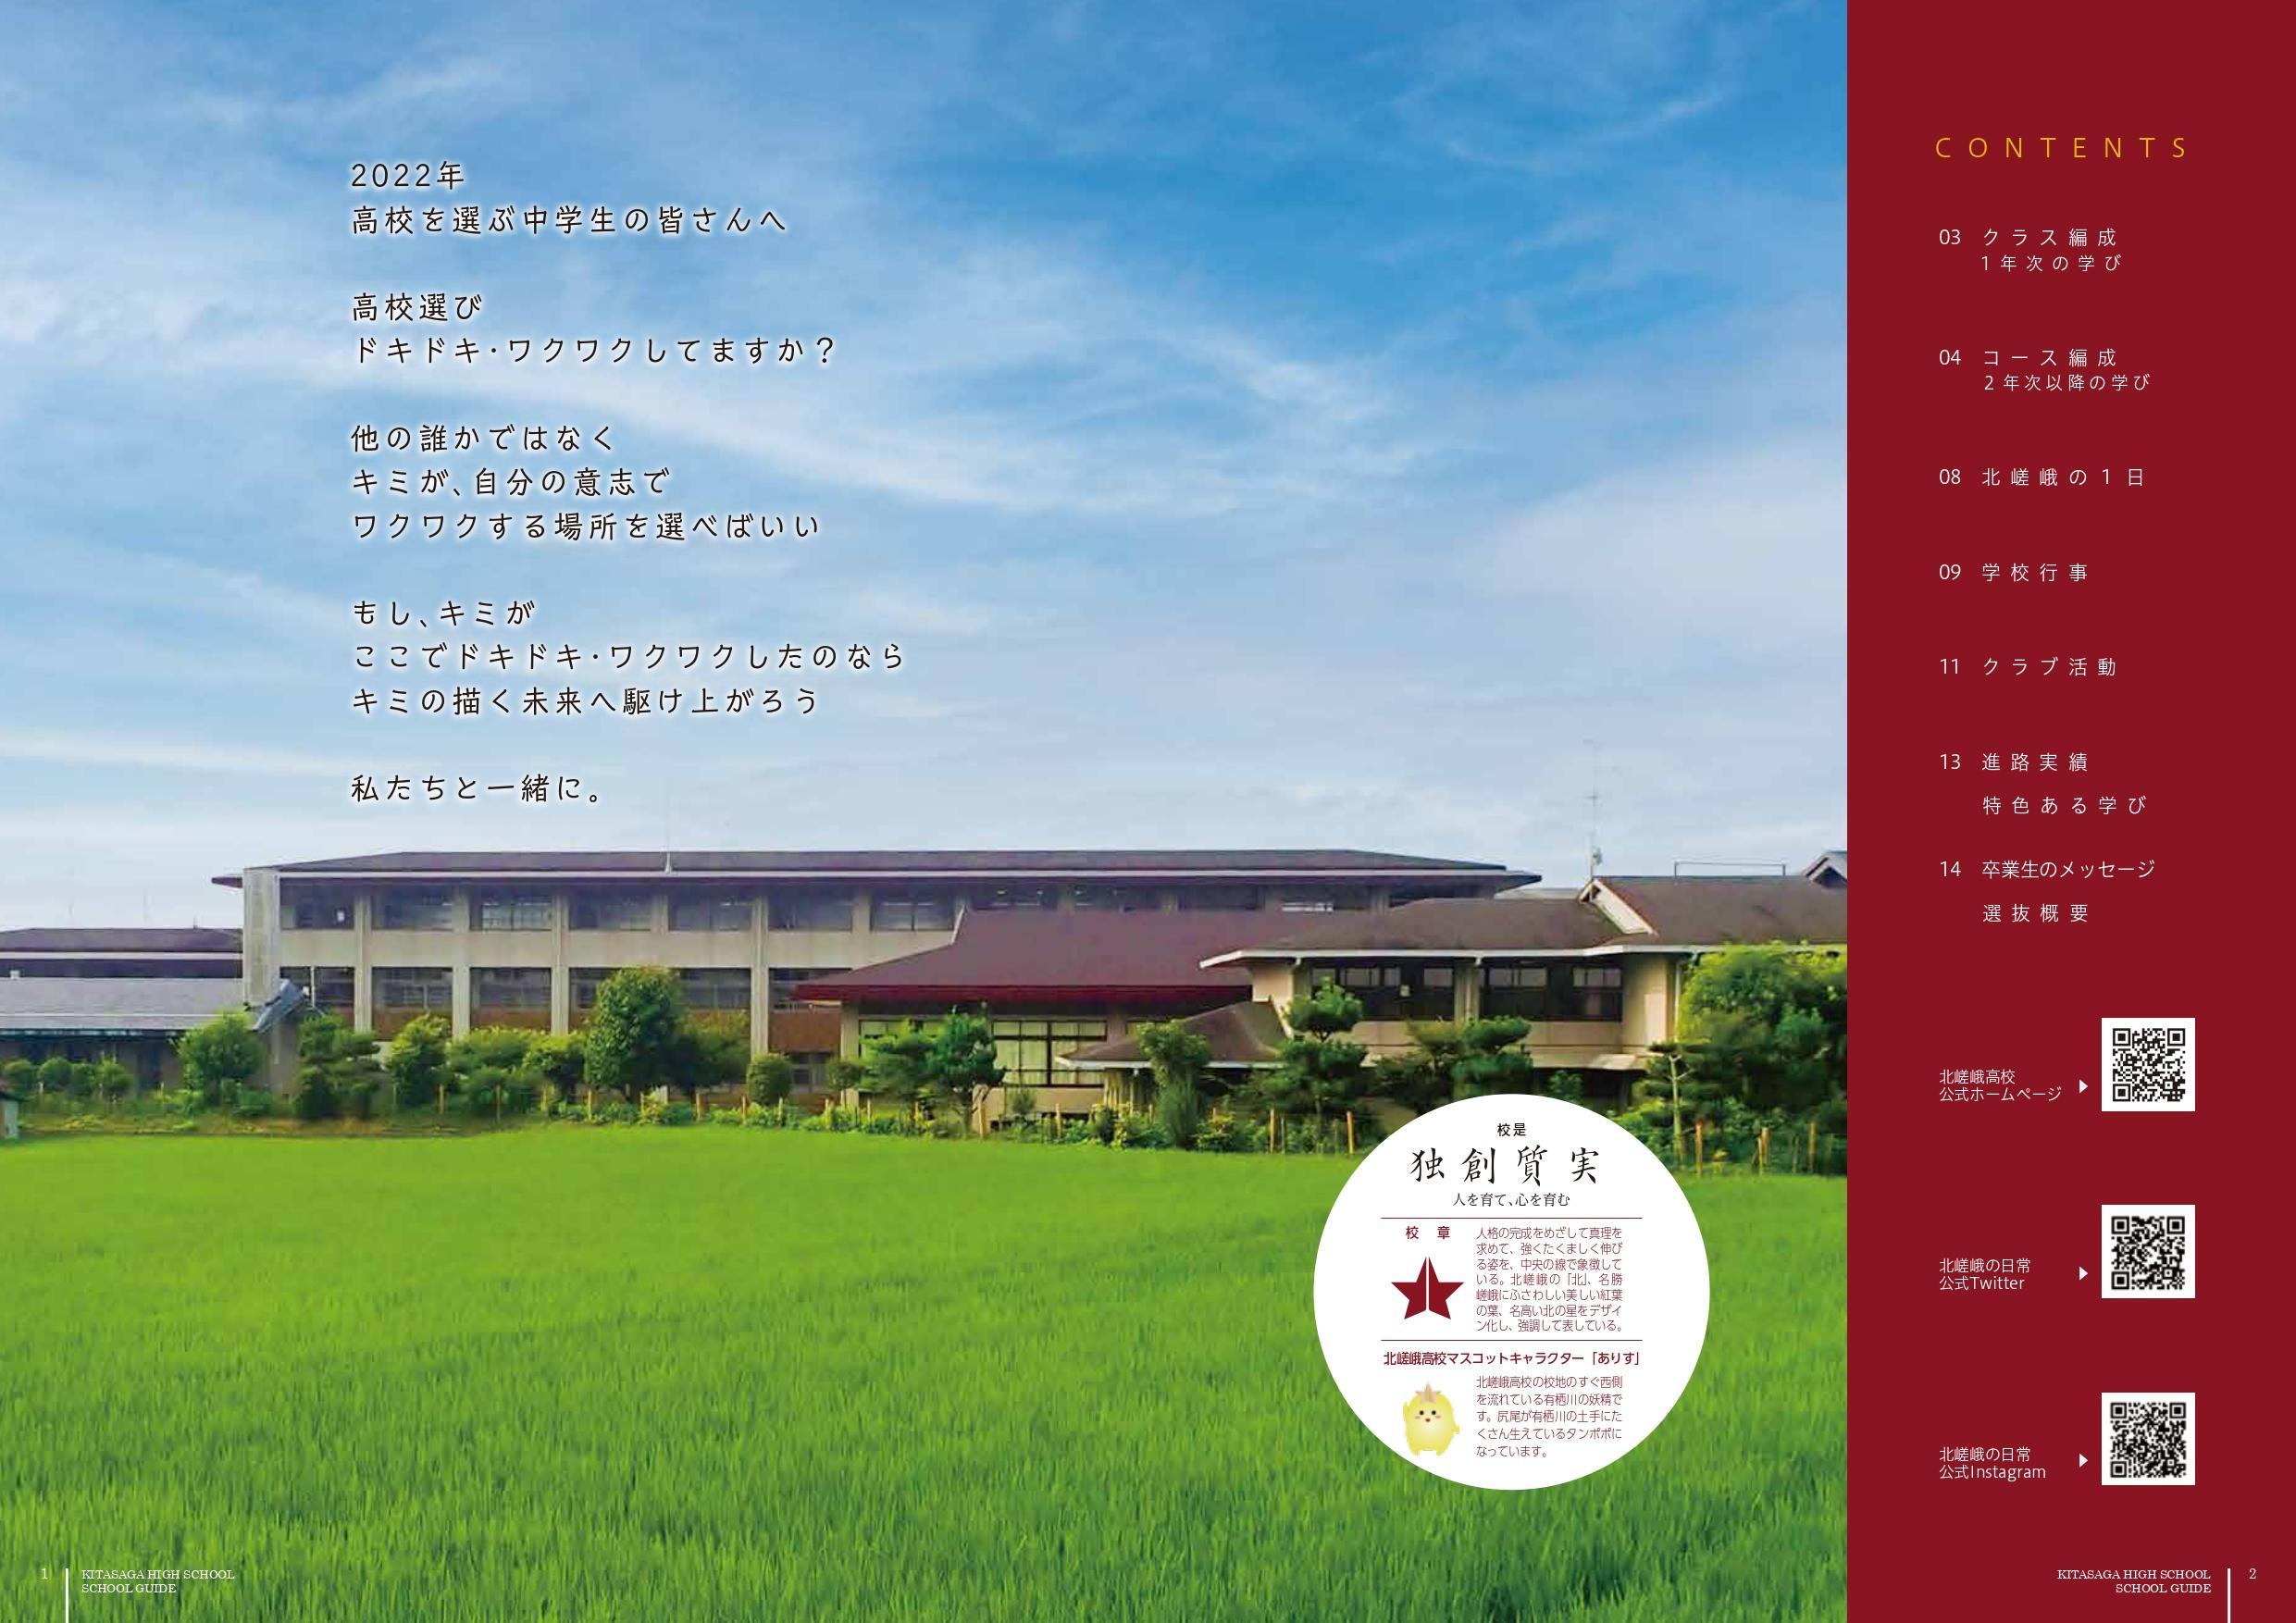 北嵯峨高校-スクールガイド2022-v6-2_page-0002.jpg